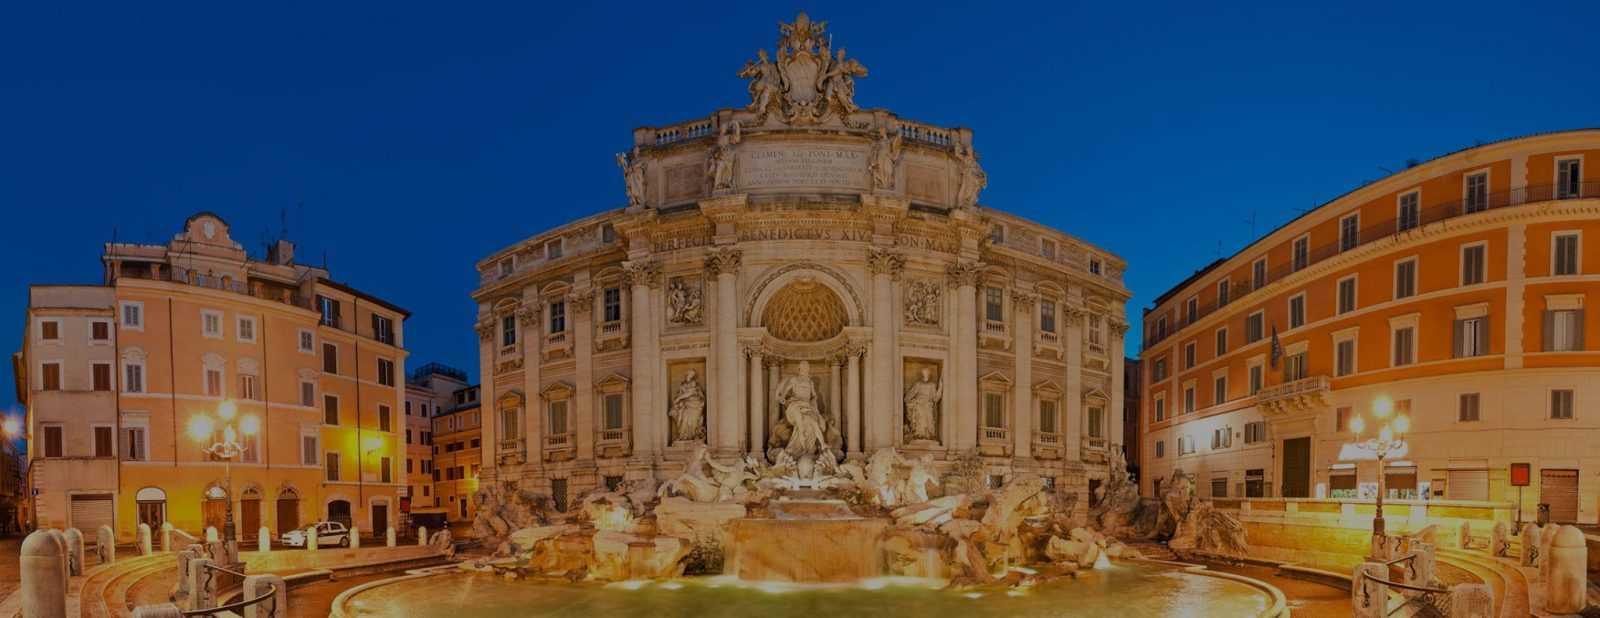 טיול לאיטליה | סולו איטליה